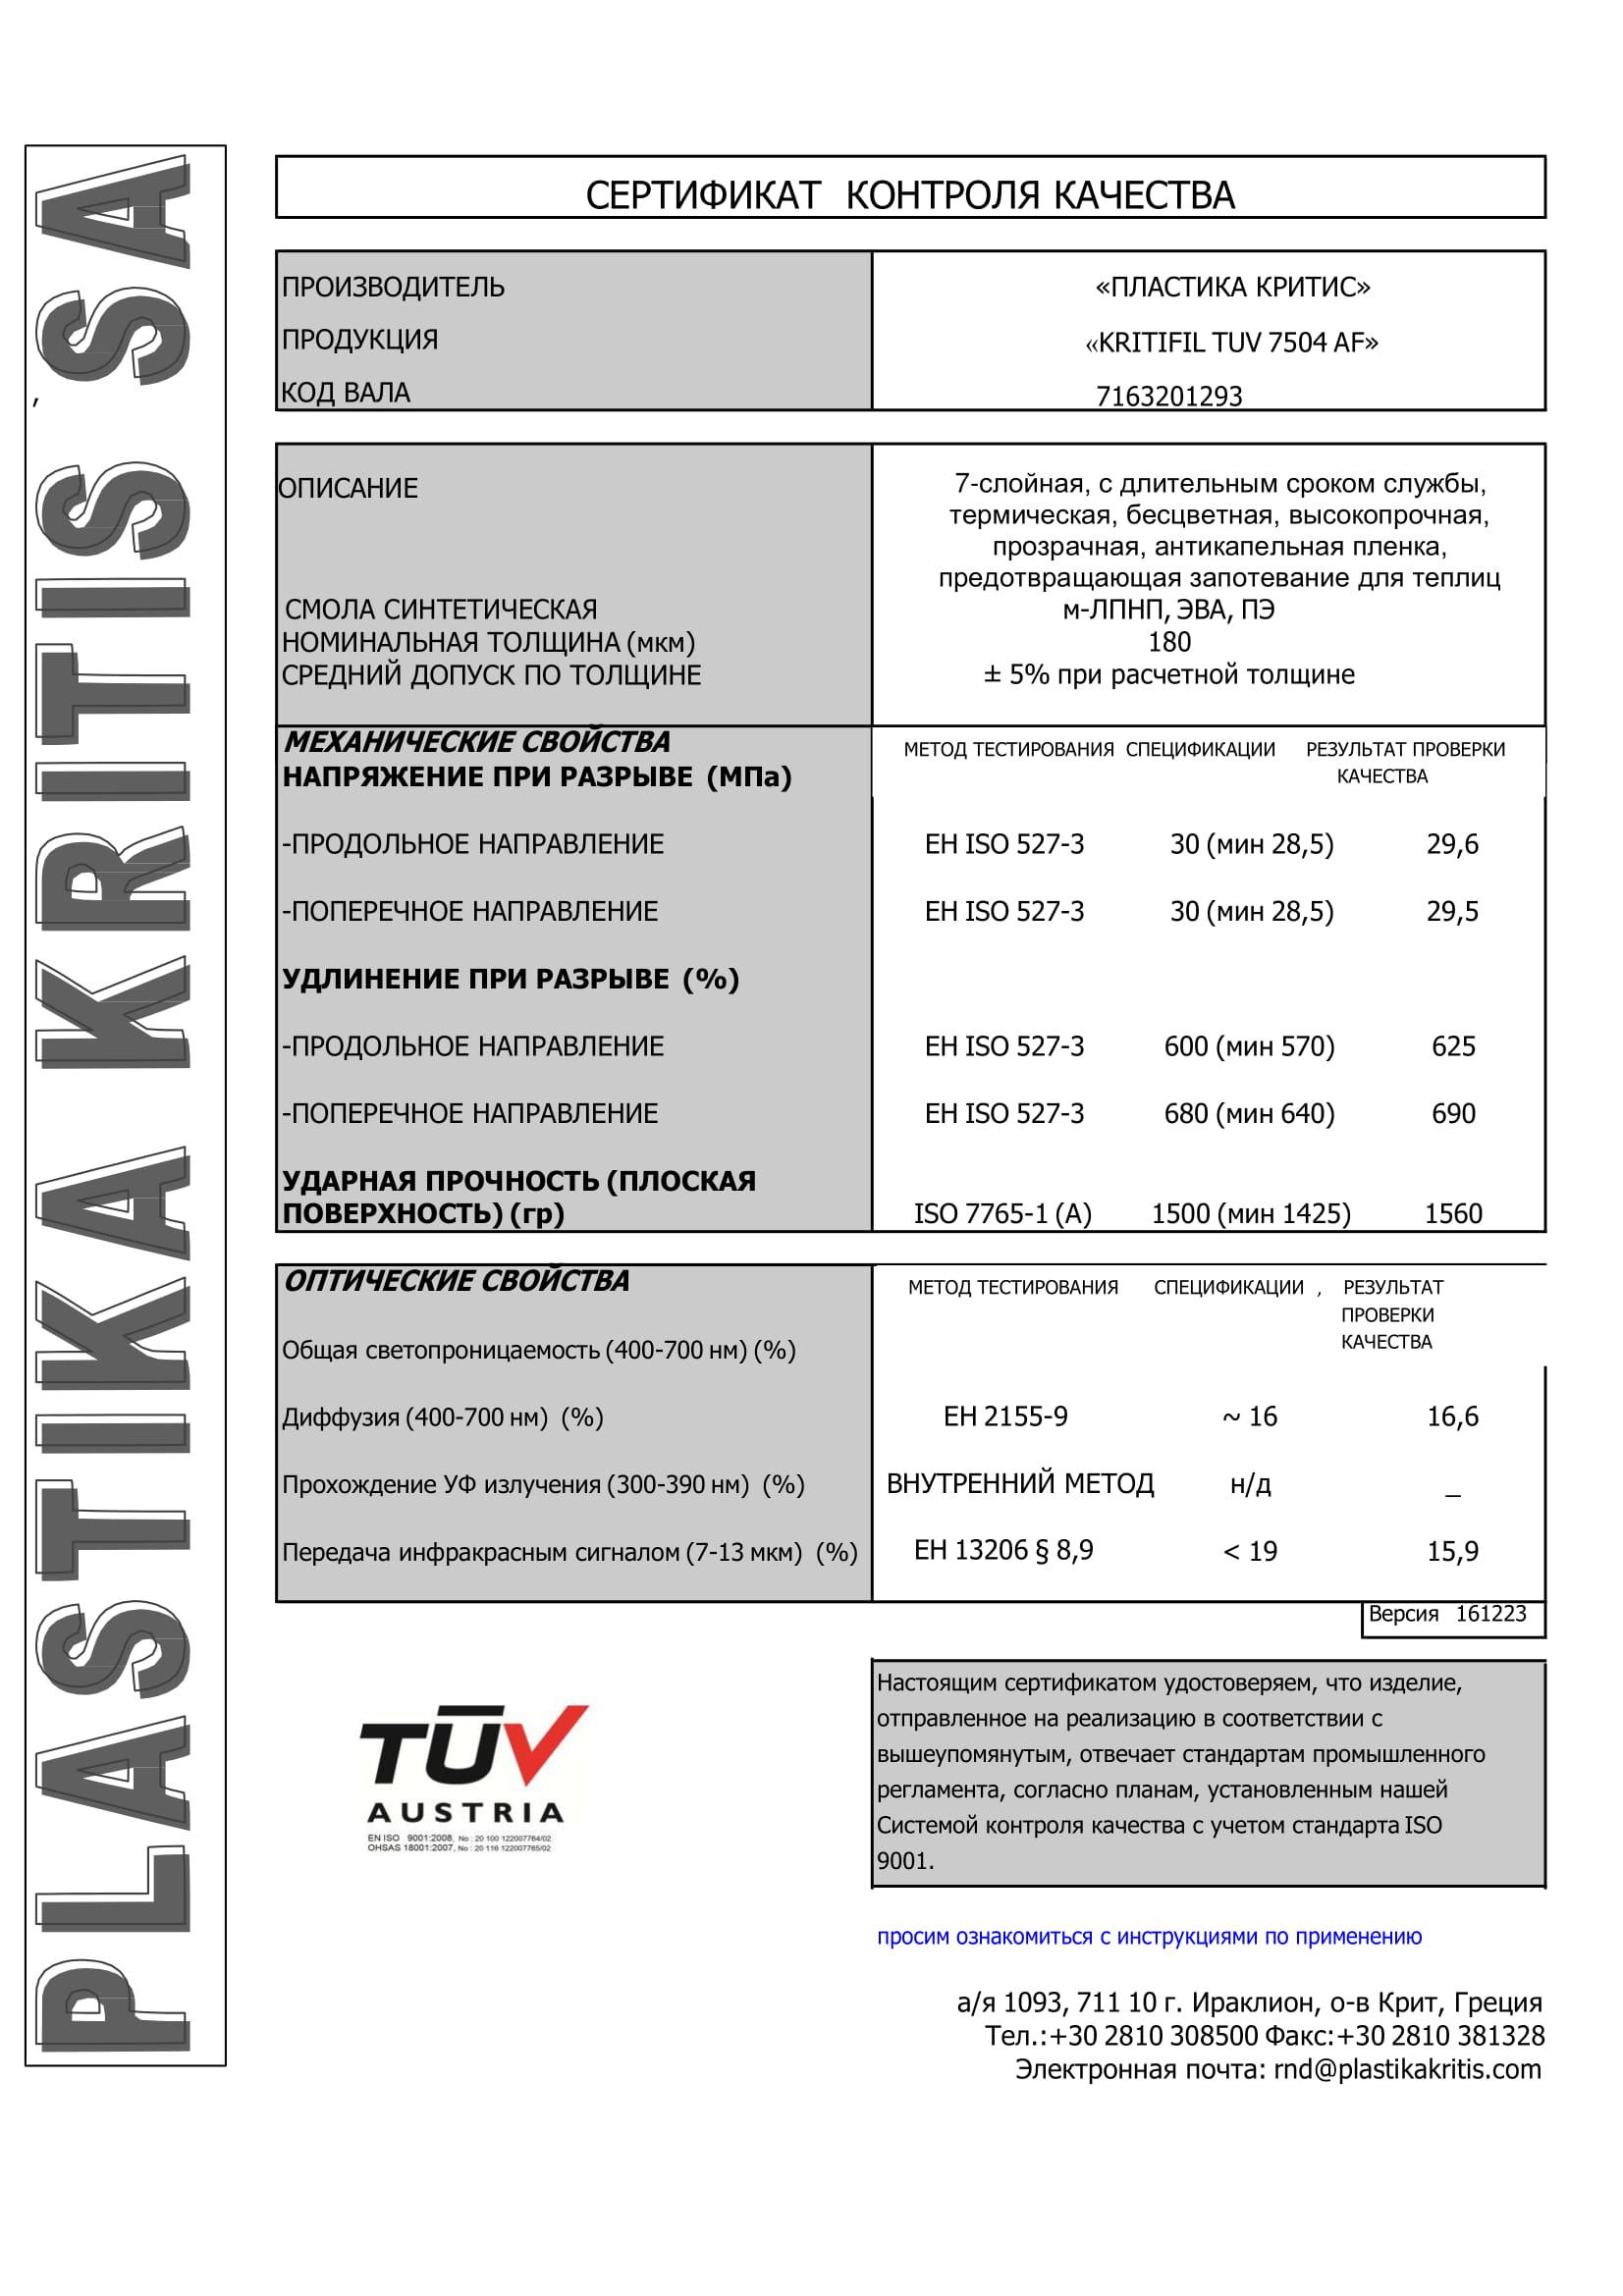 Перевод (TUV7504-180)_ru-1